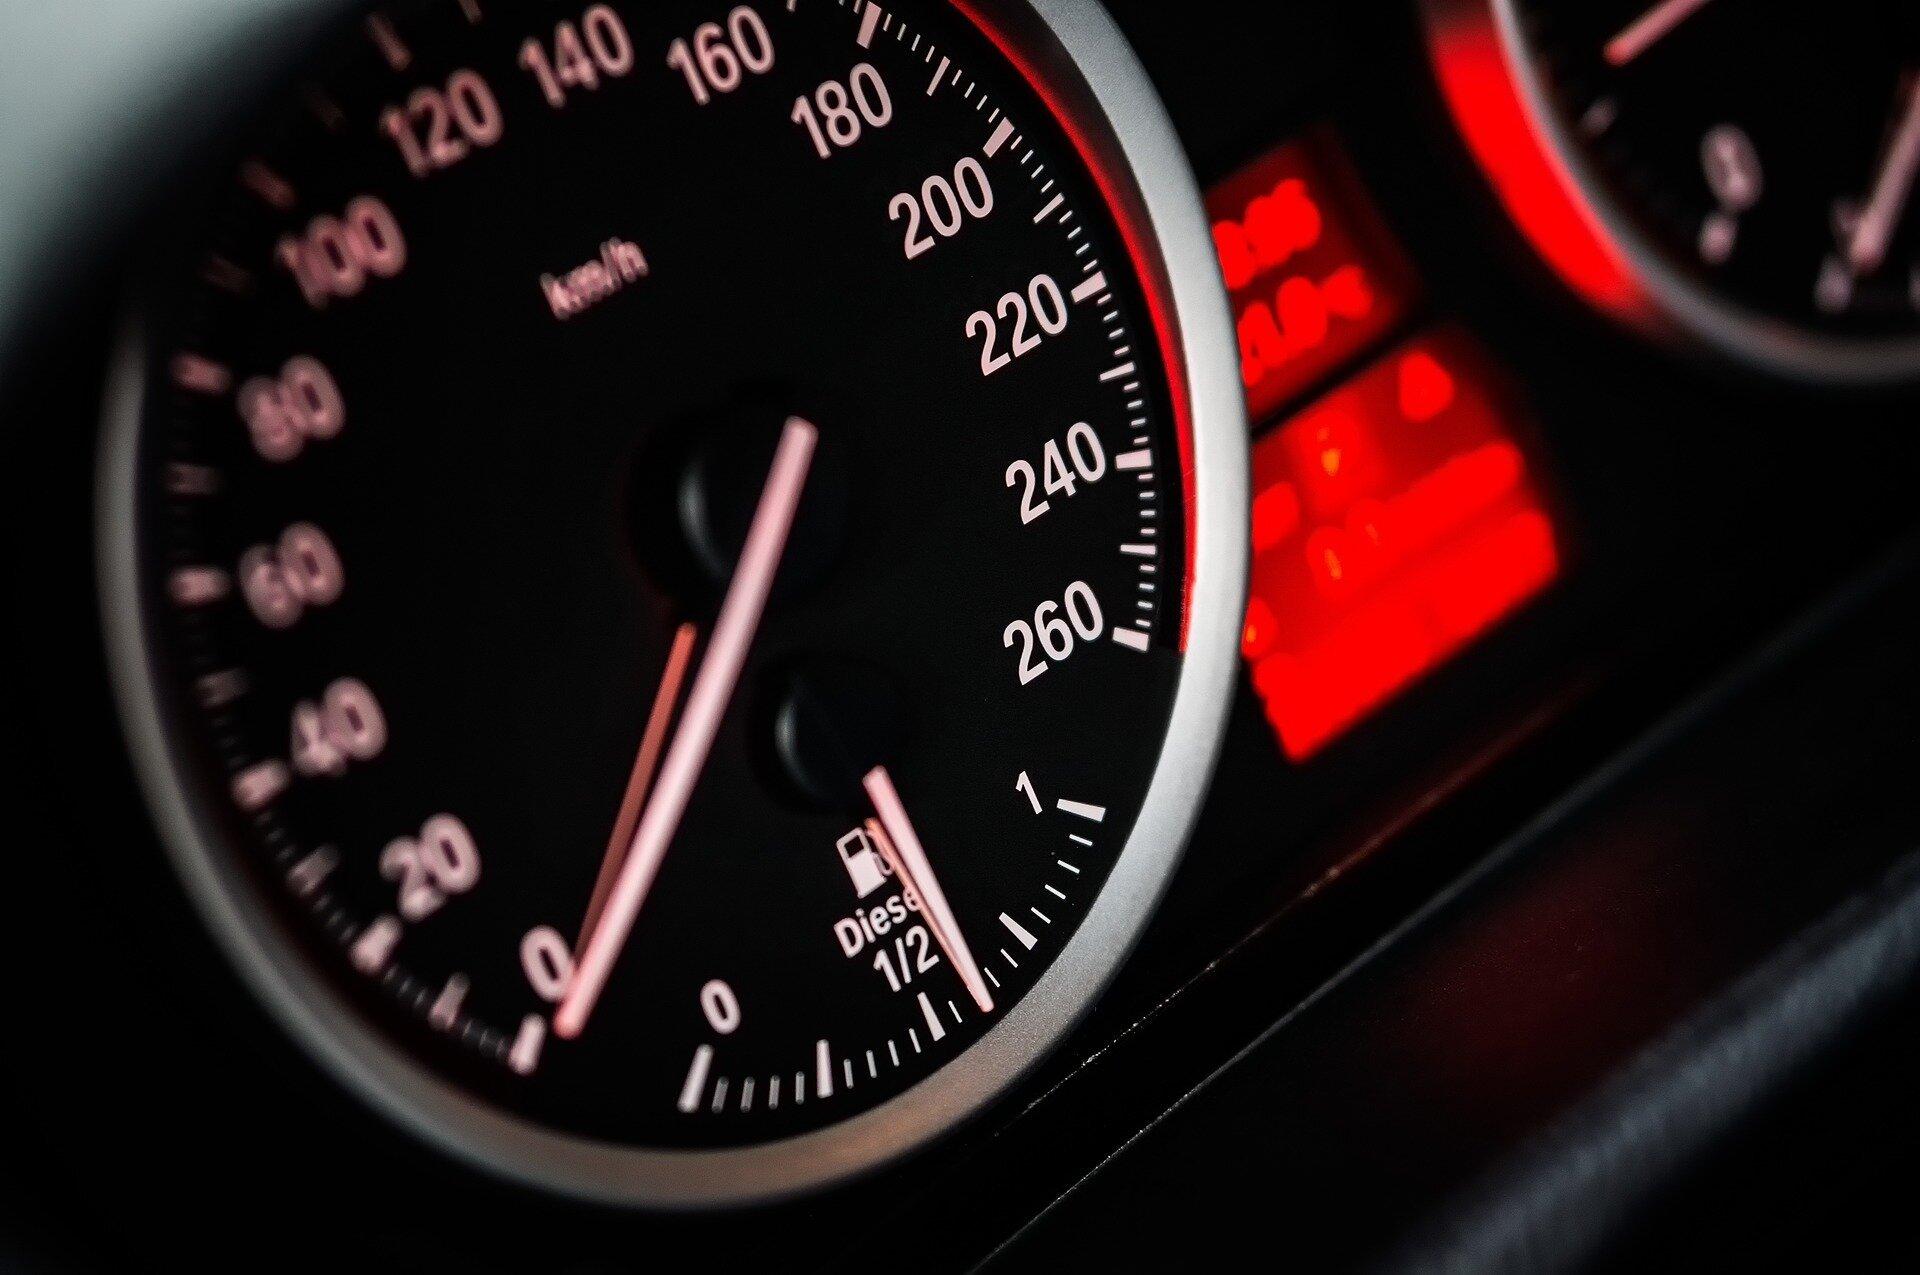 Die Analyse von Daten aus mehr als 1 million Jugendliche werfen ein neues Licht auf, wie Jugendliche lernen, zu fahren